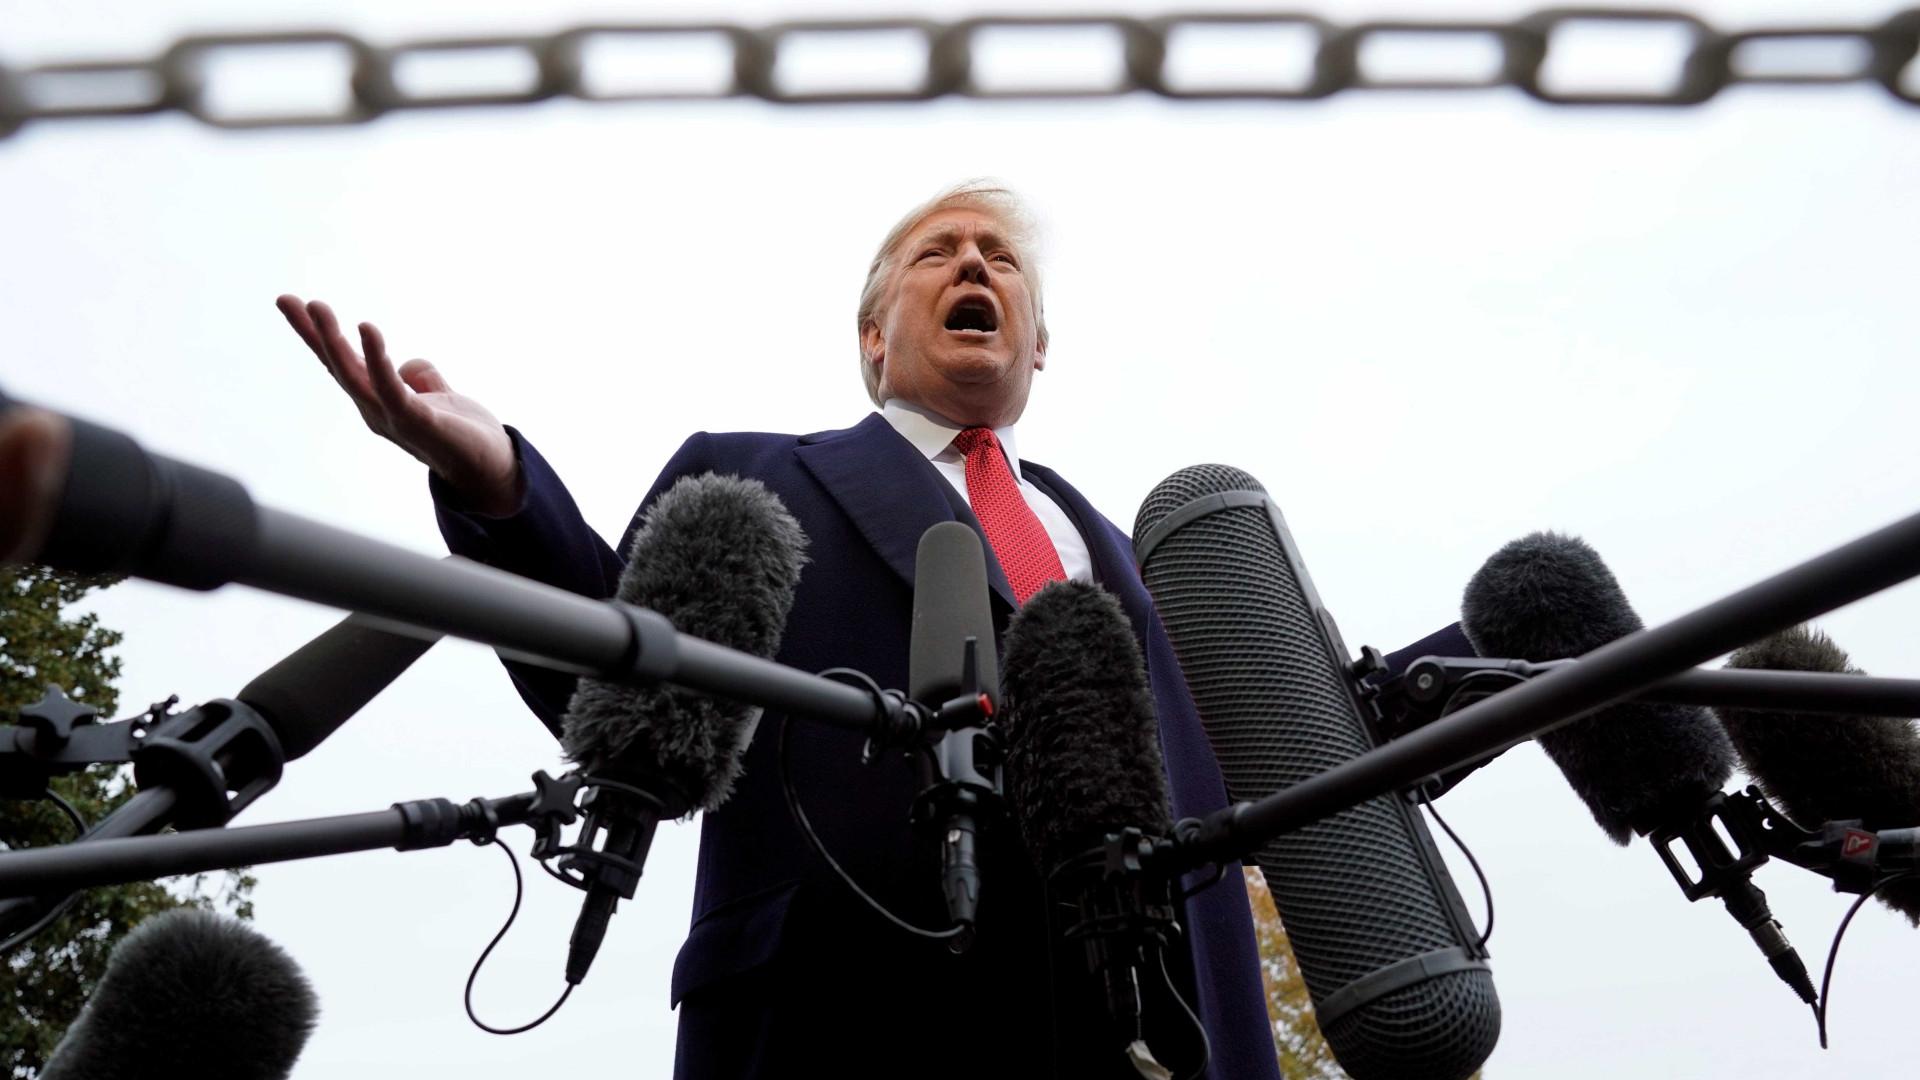 Trump exige 'respeito' e ameaça retirar credenciais de mais jornalistas